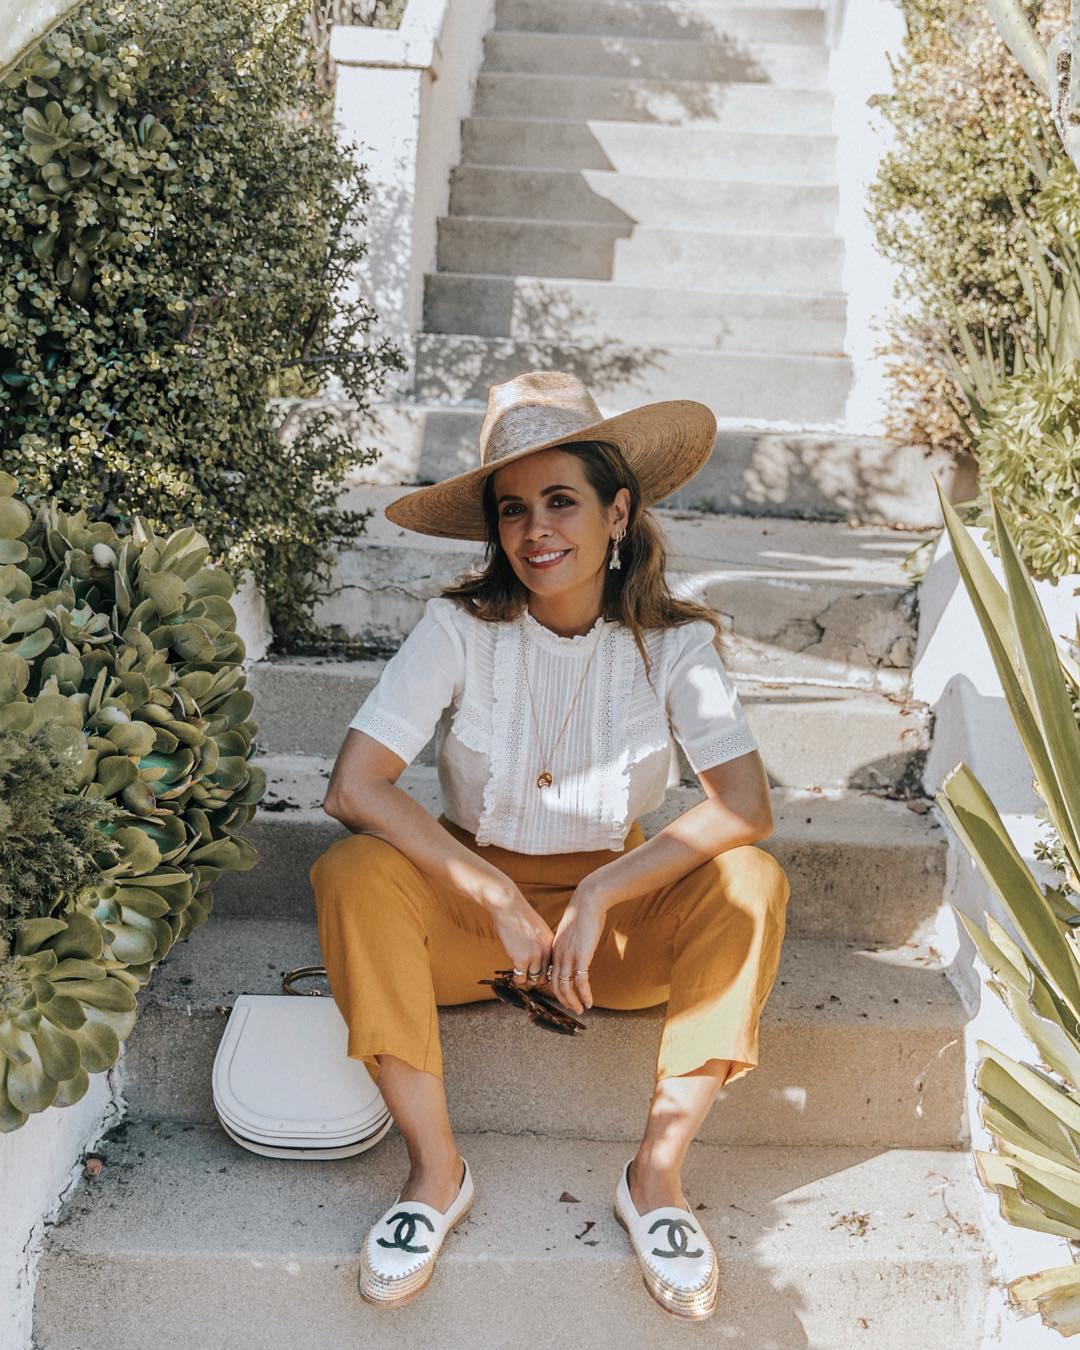 Bộ trang phục mùa hè xinh xắn và cổ điển với sơ mi trắng, quần vàng, giày lười trắng, mũ rộng vành và dây chuyền dáng dài làm điểm nhấn.